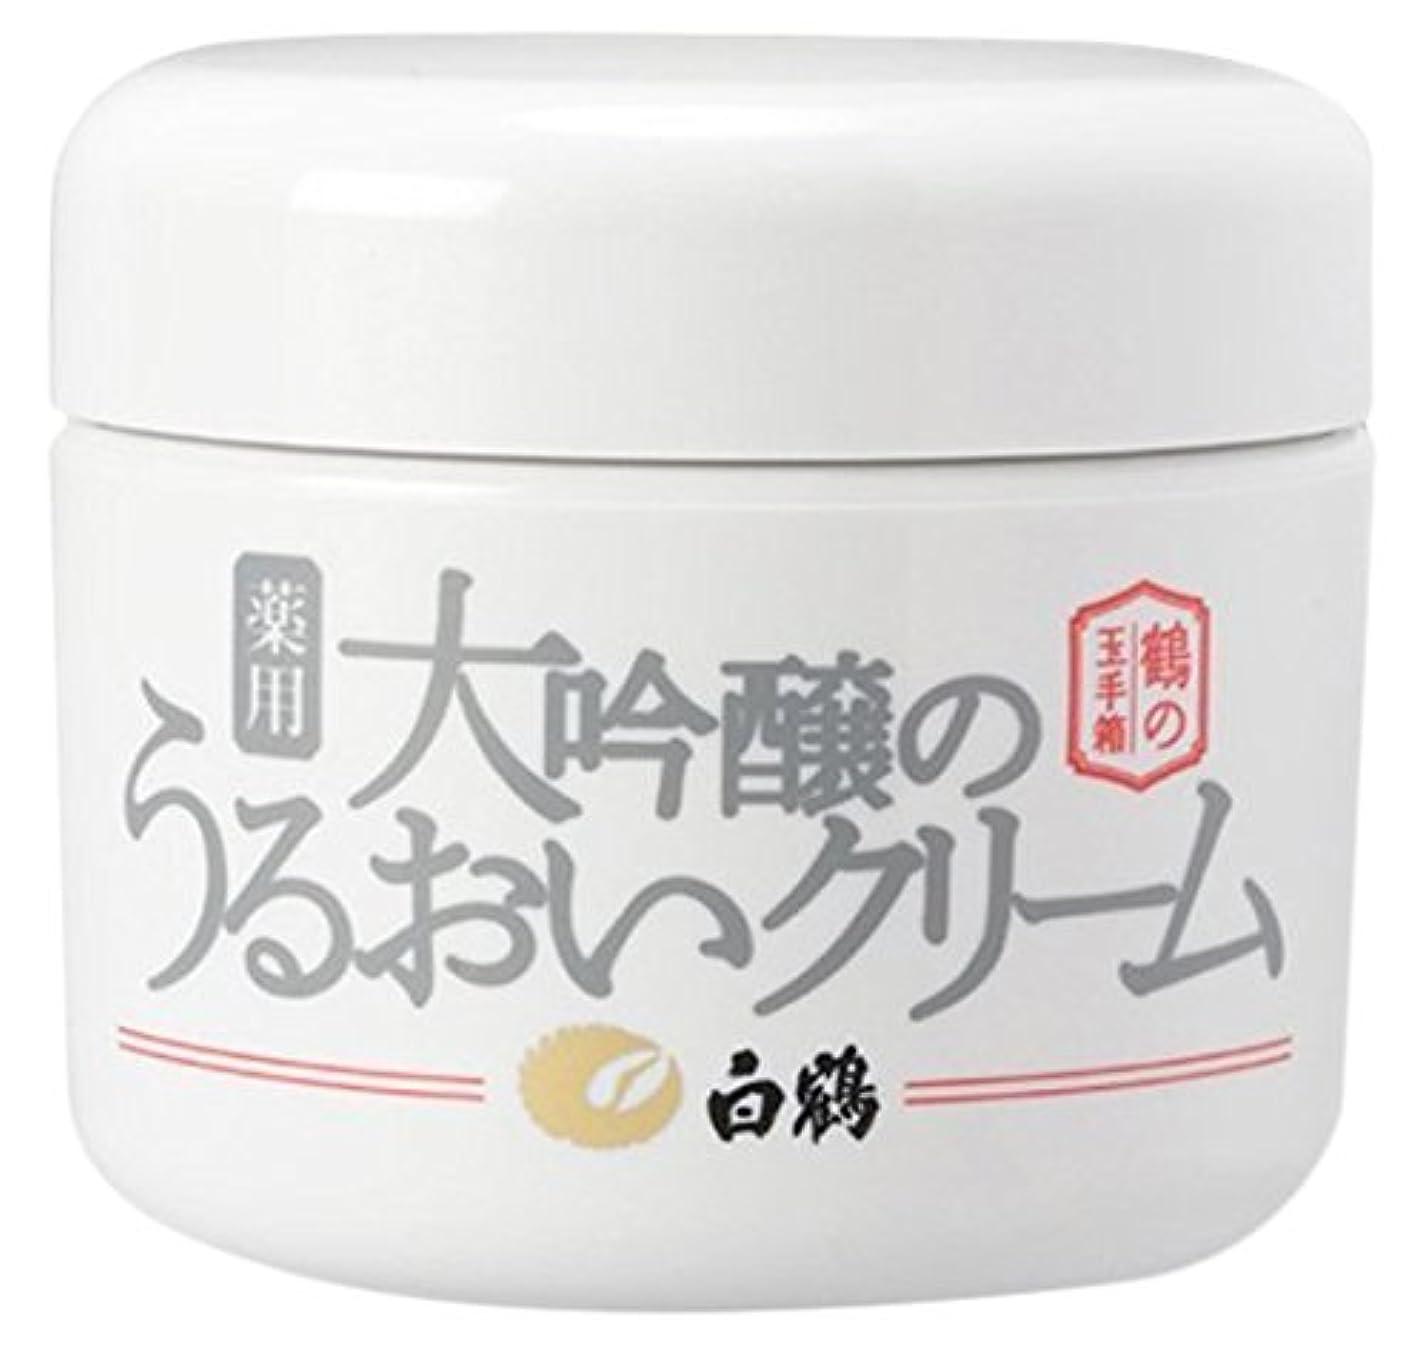 親密な革命的がっかりする白鶴 鶴の玉手箱 薬用 大吟醸のうるおいクリーム 90g